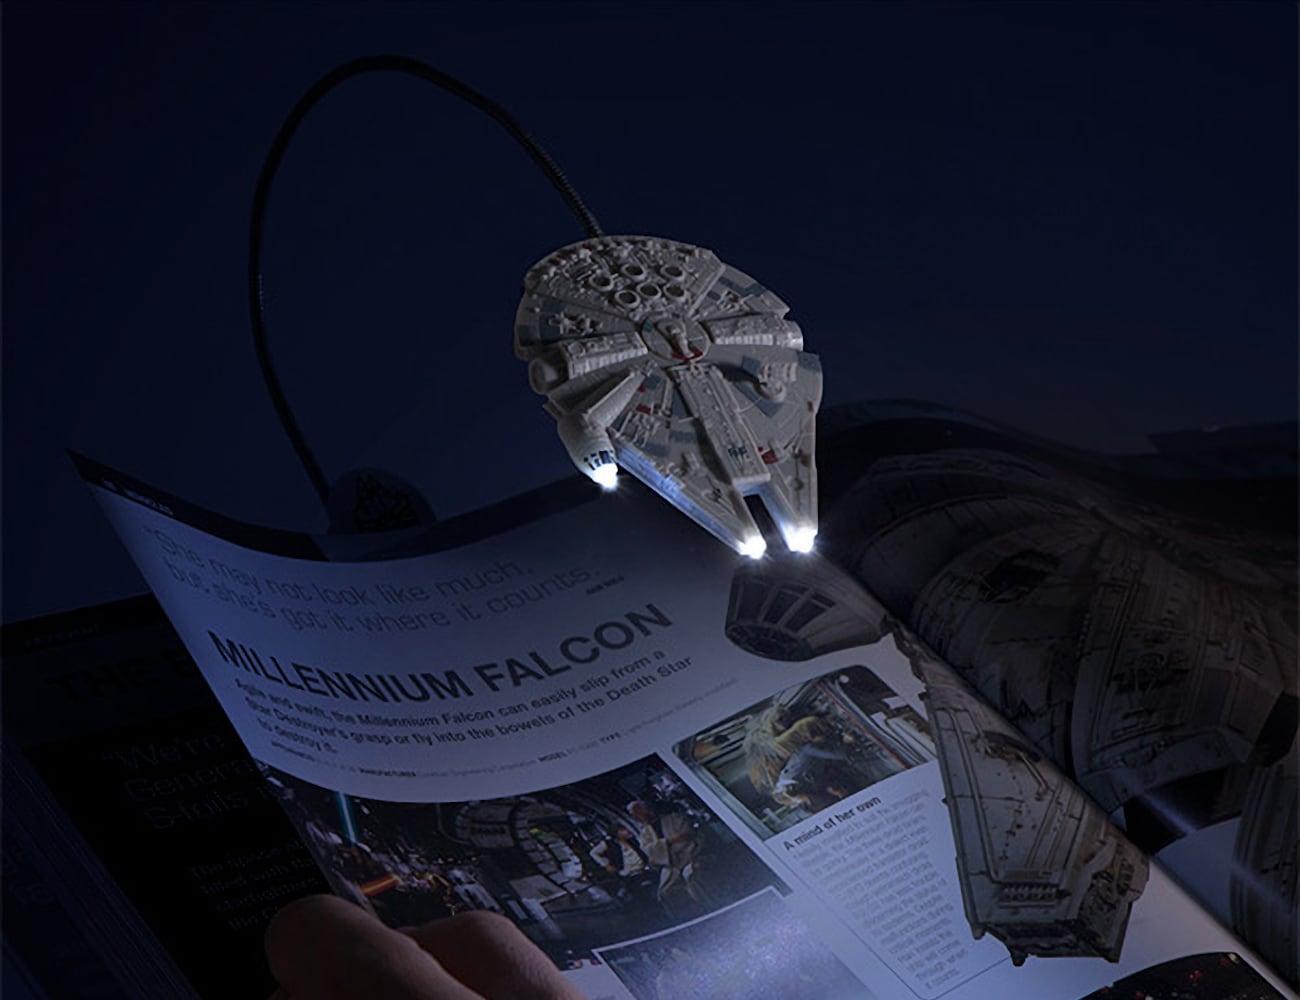 ThinkGeek Millennium Falcon Book Light